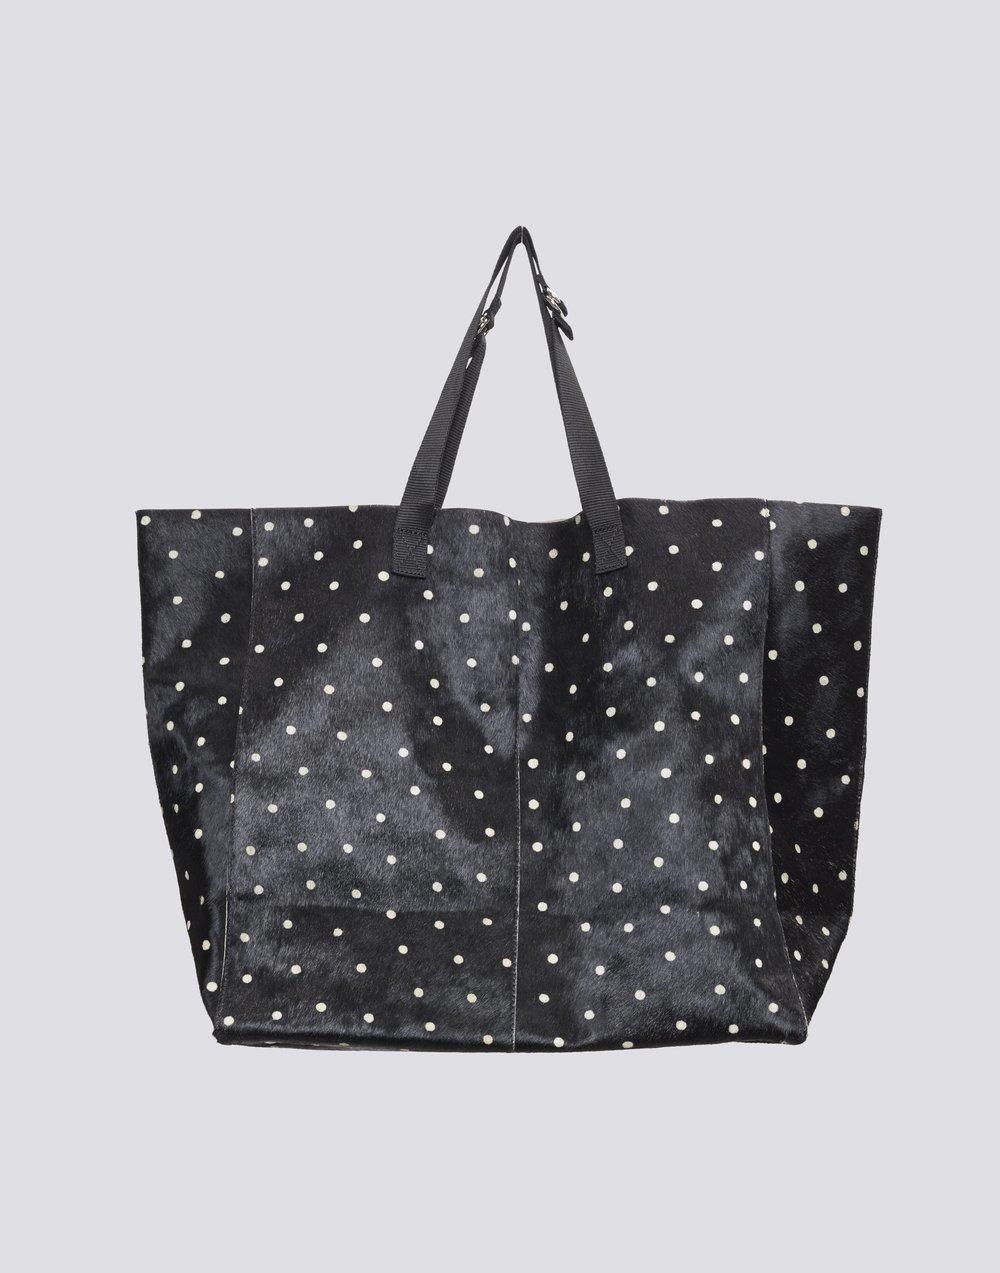 Doraline bag